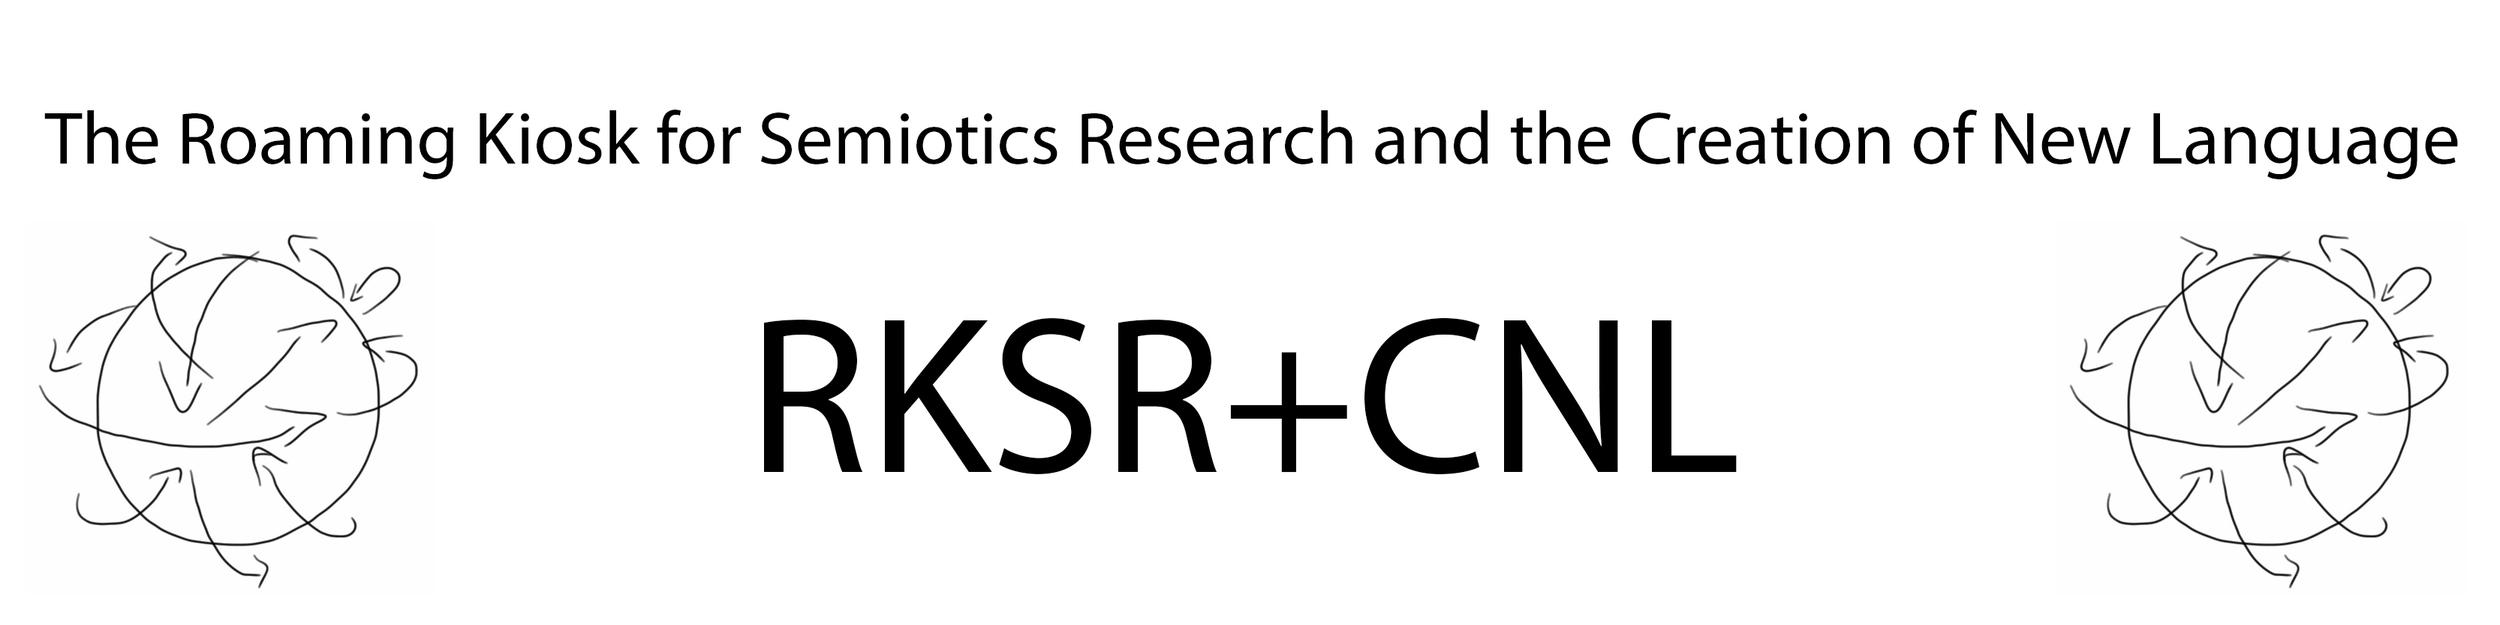 RKSR+CNL.jpg